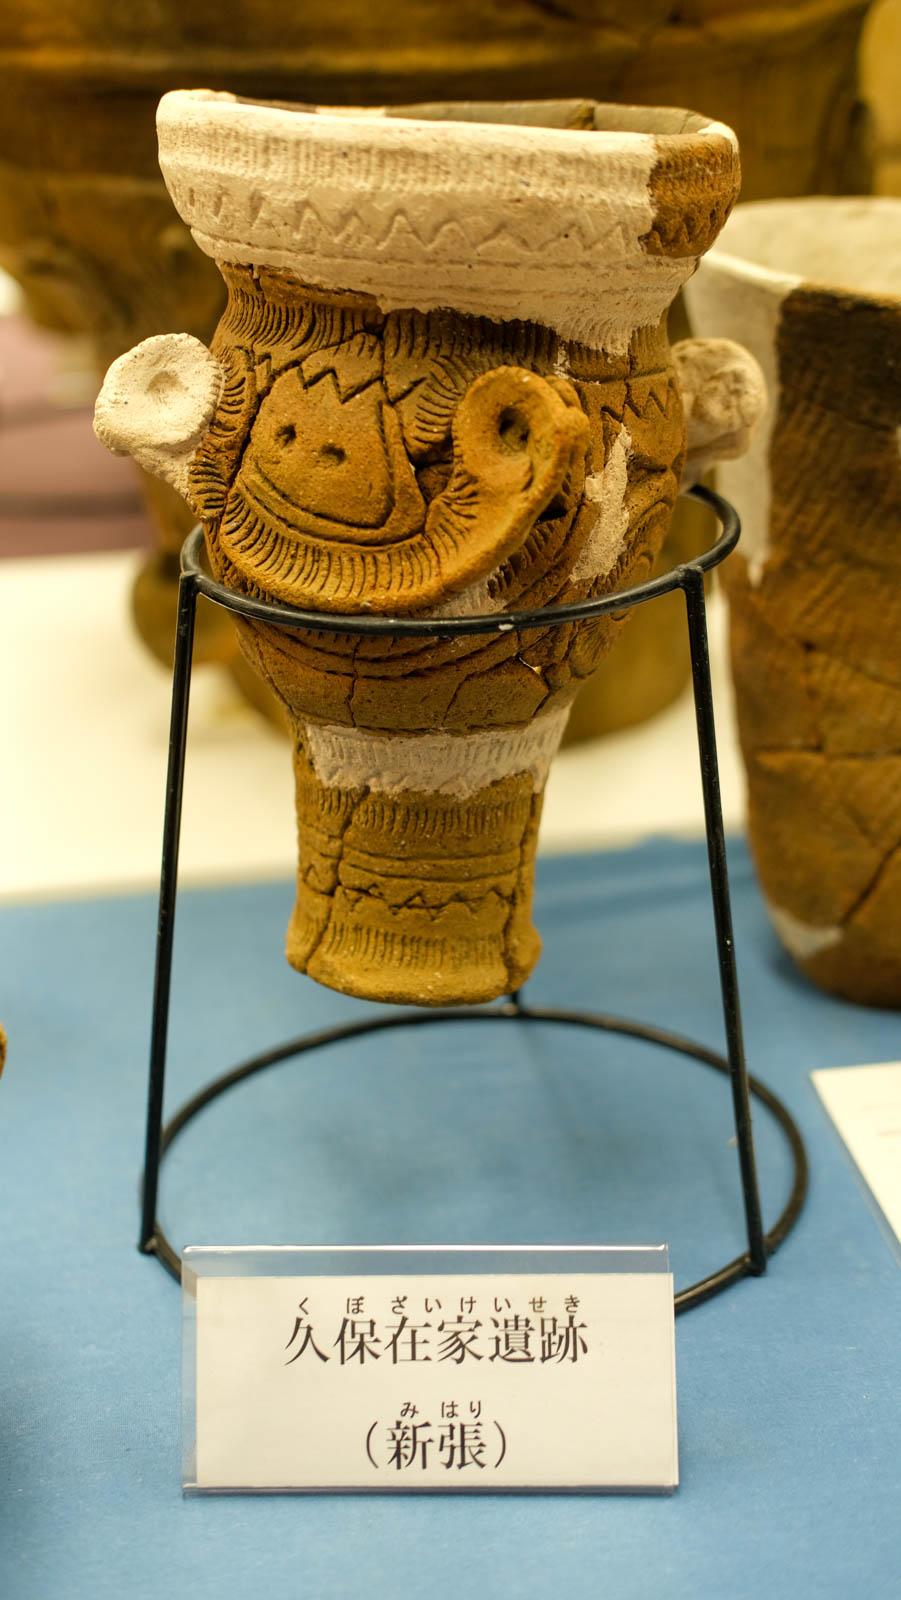 ユーモラスな形の縄文土器